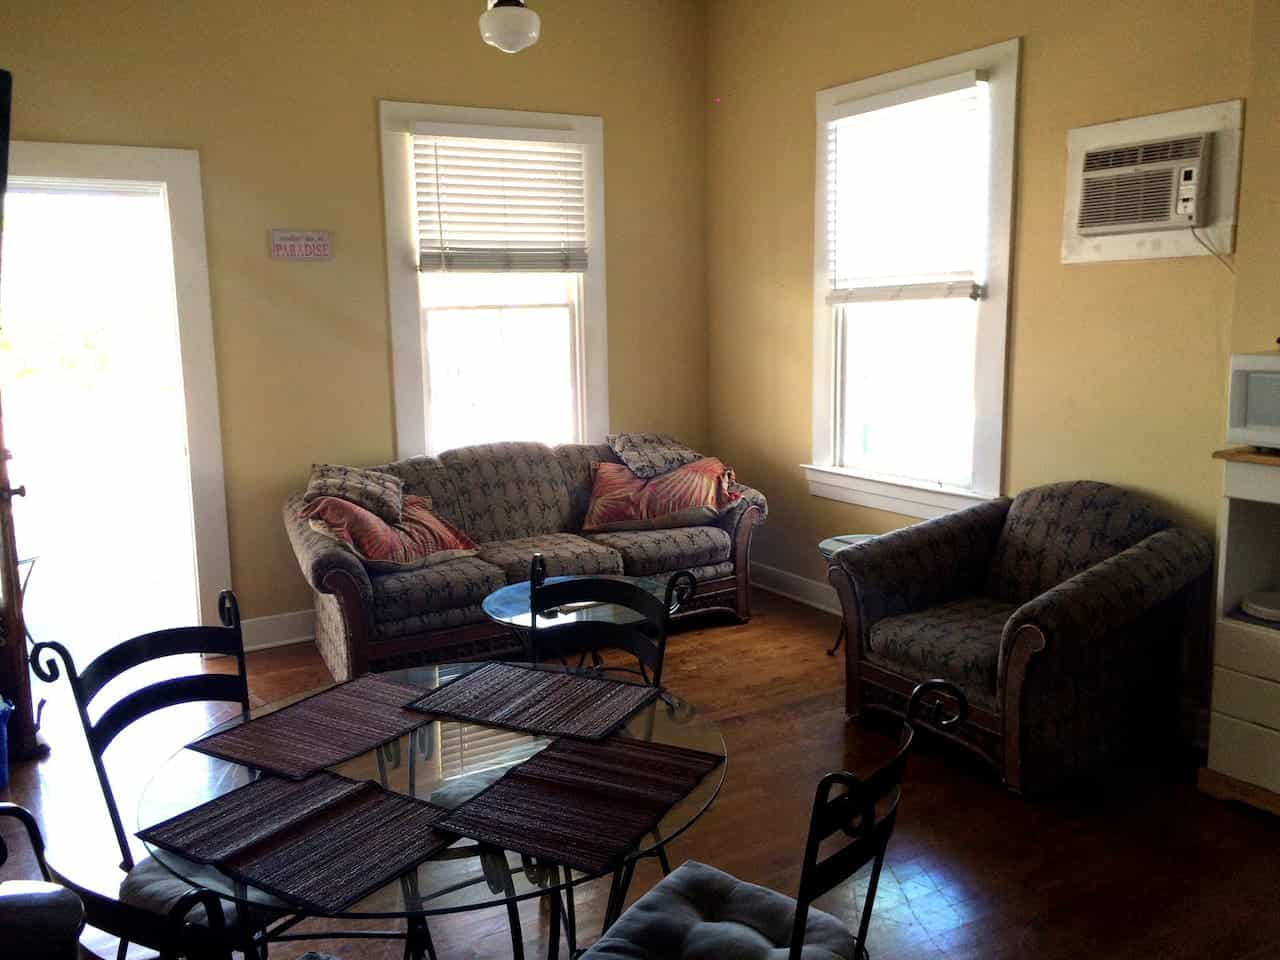 Image of Airbnb rental in Key West